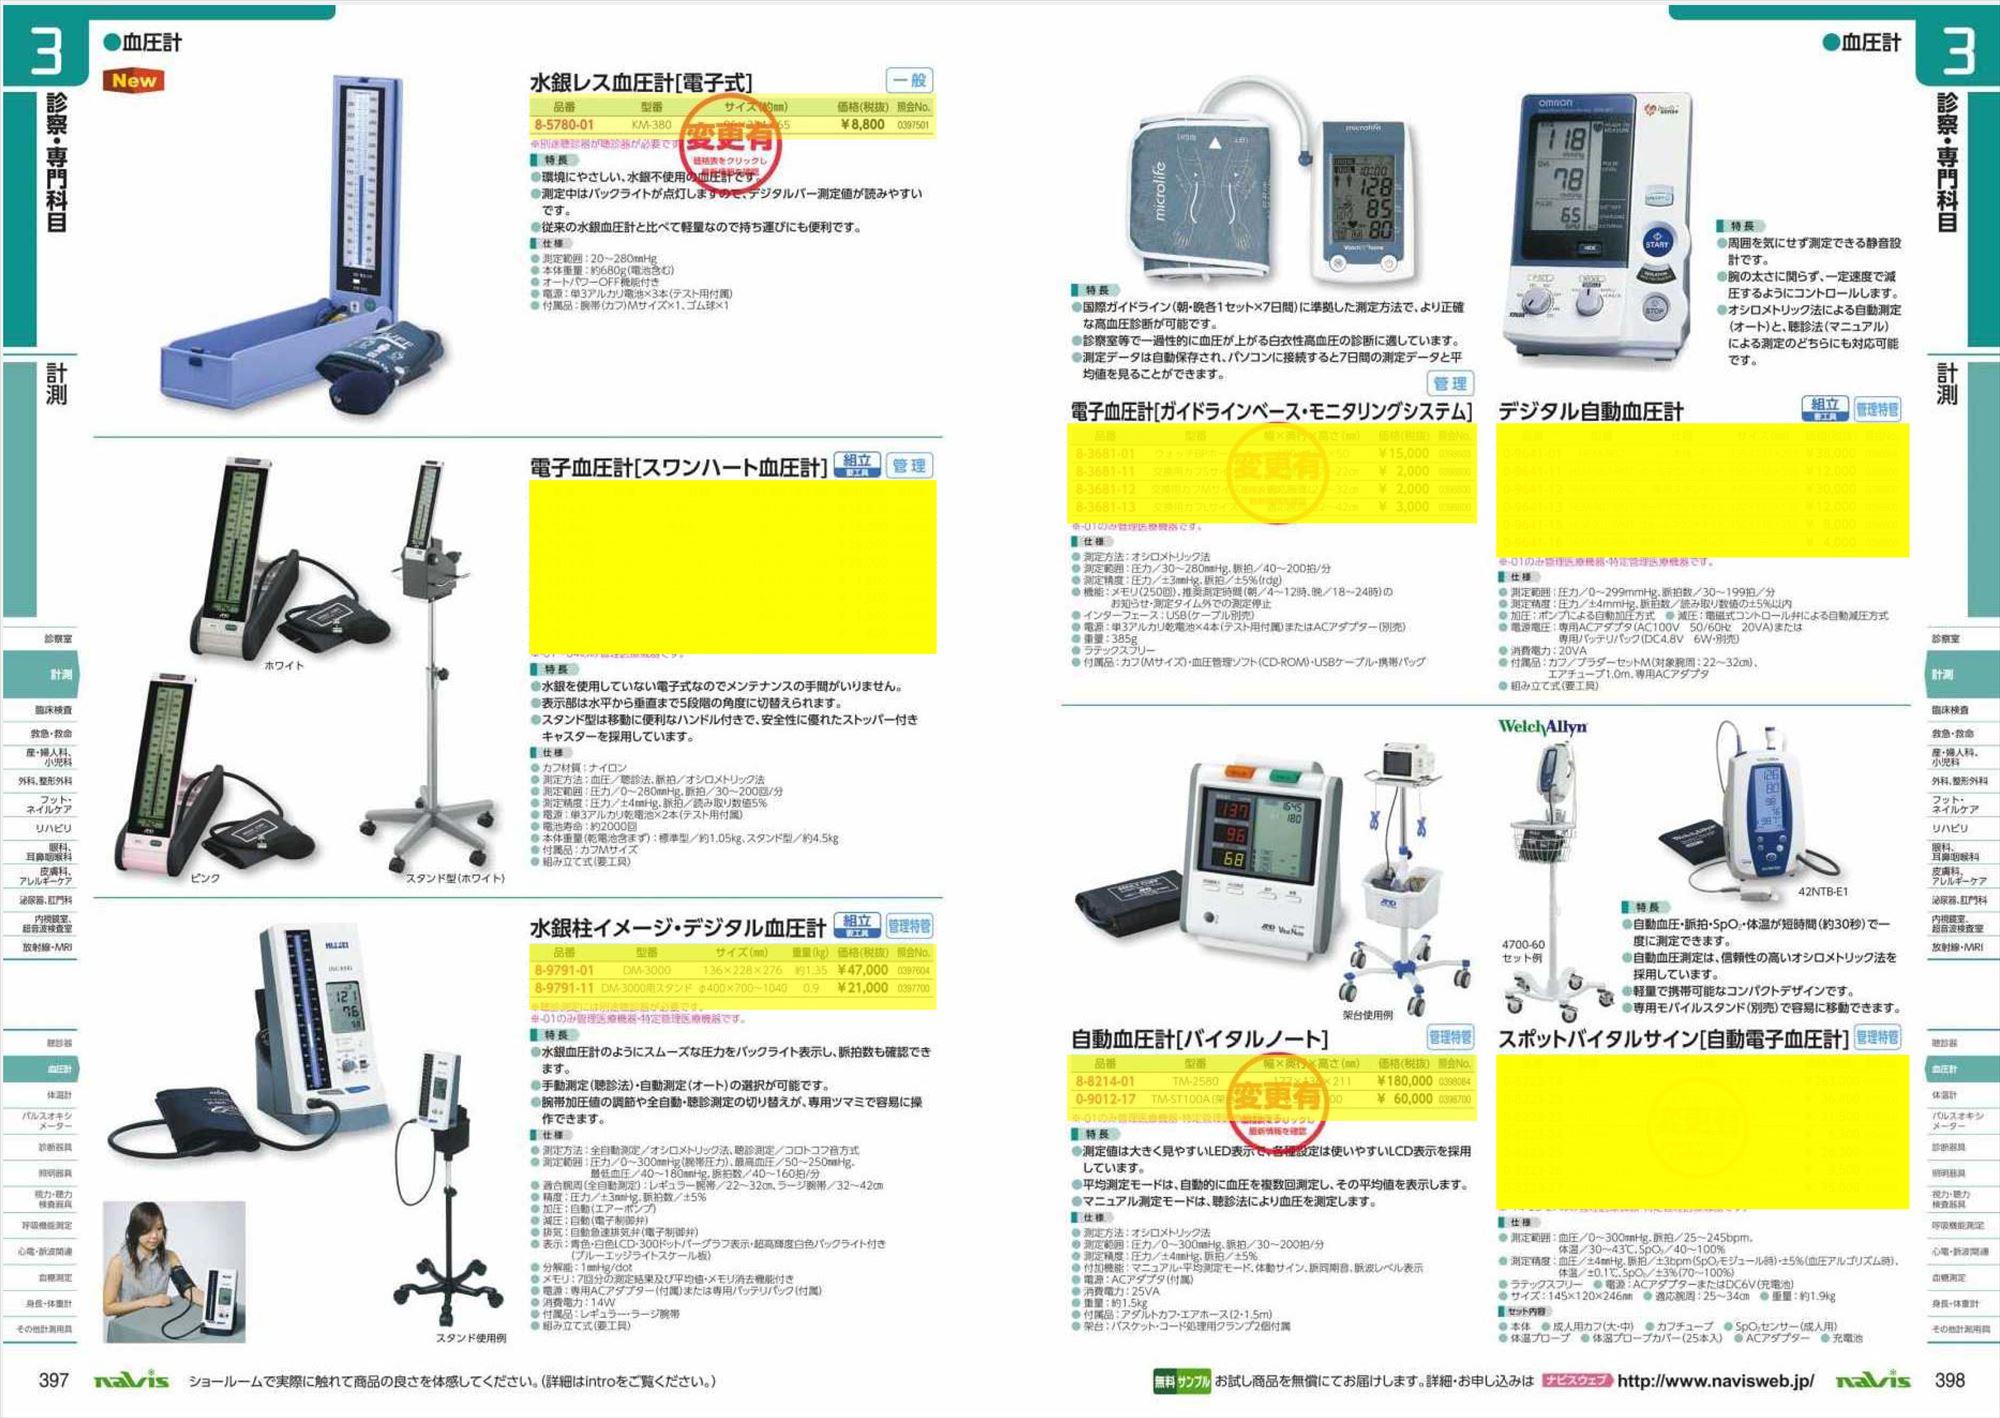 ナビス30000 エー・アンド・デイ 8-7214-03 電子血圧計[スワンハート] UM−101B−JC1 スタンド型・ホワイト デンシケツアツケイUM101BJC1スタンドガタシロ N7000031152 [個] エー・アンド・デイ